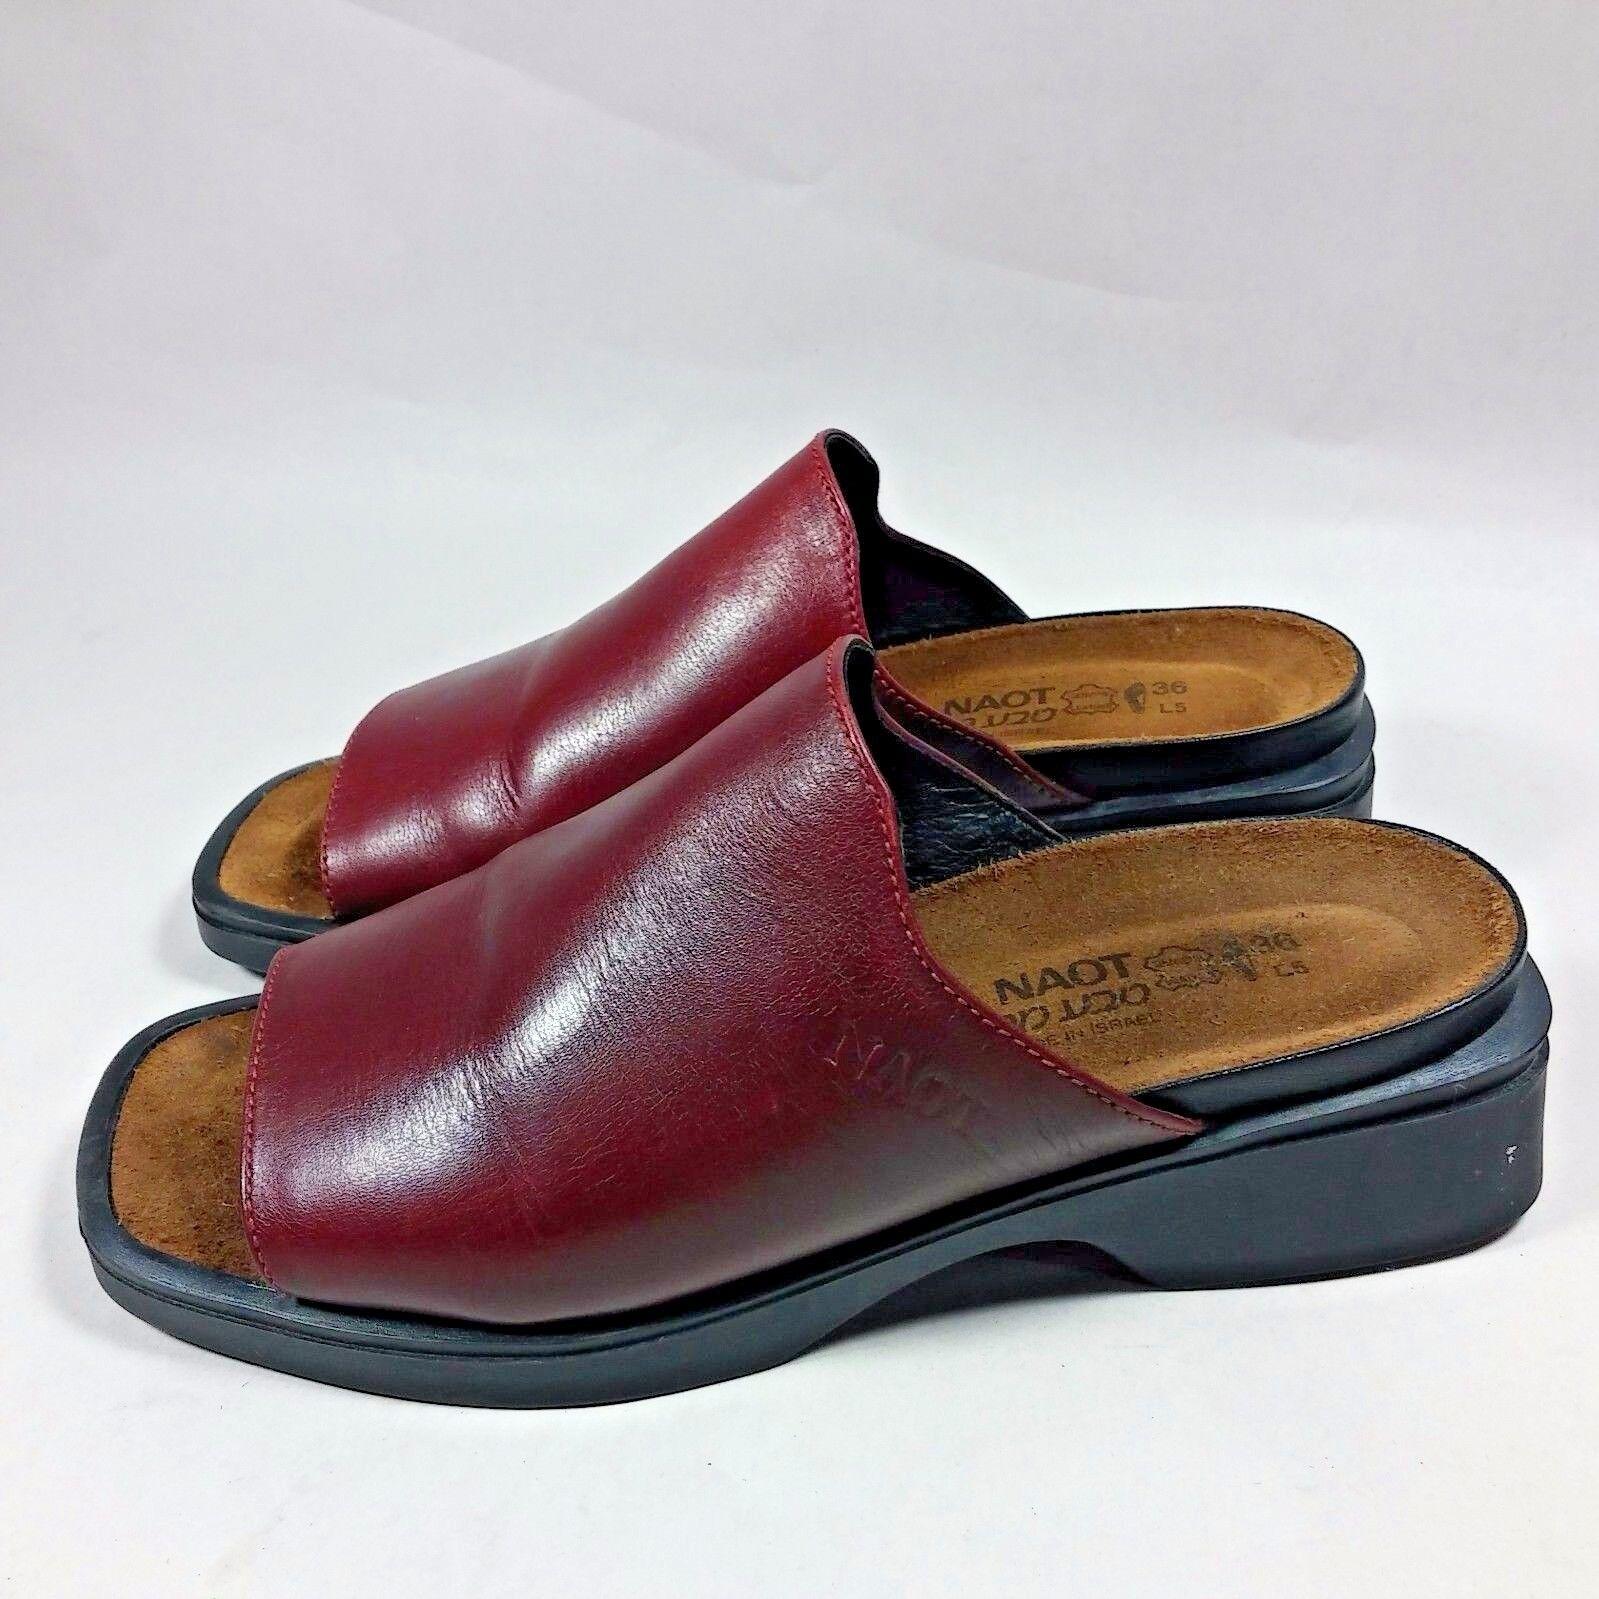 NICE Women's Naot Slides Slip-on Comfort Peep Toe shoes Sandal-Maroon-US 5